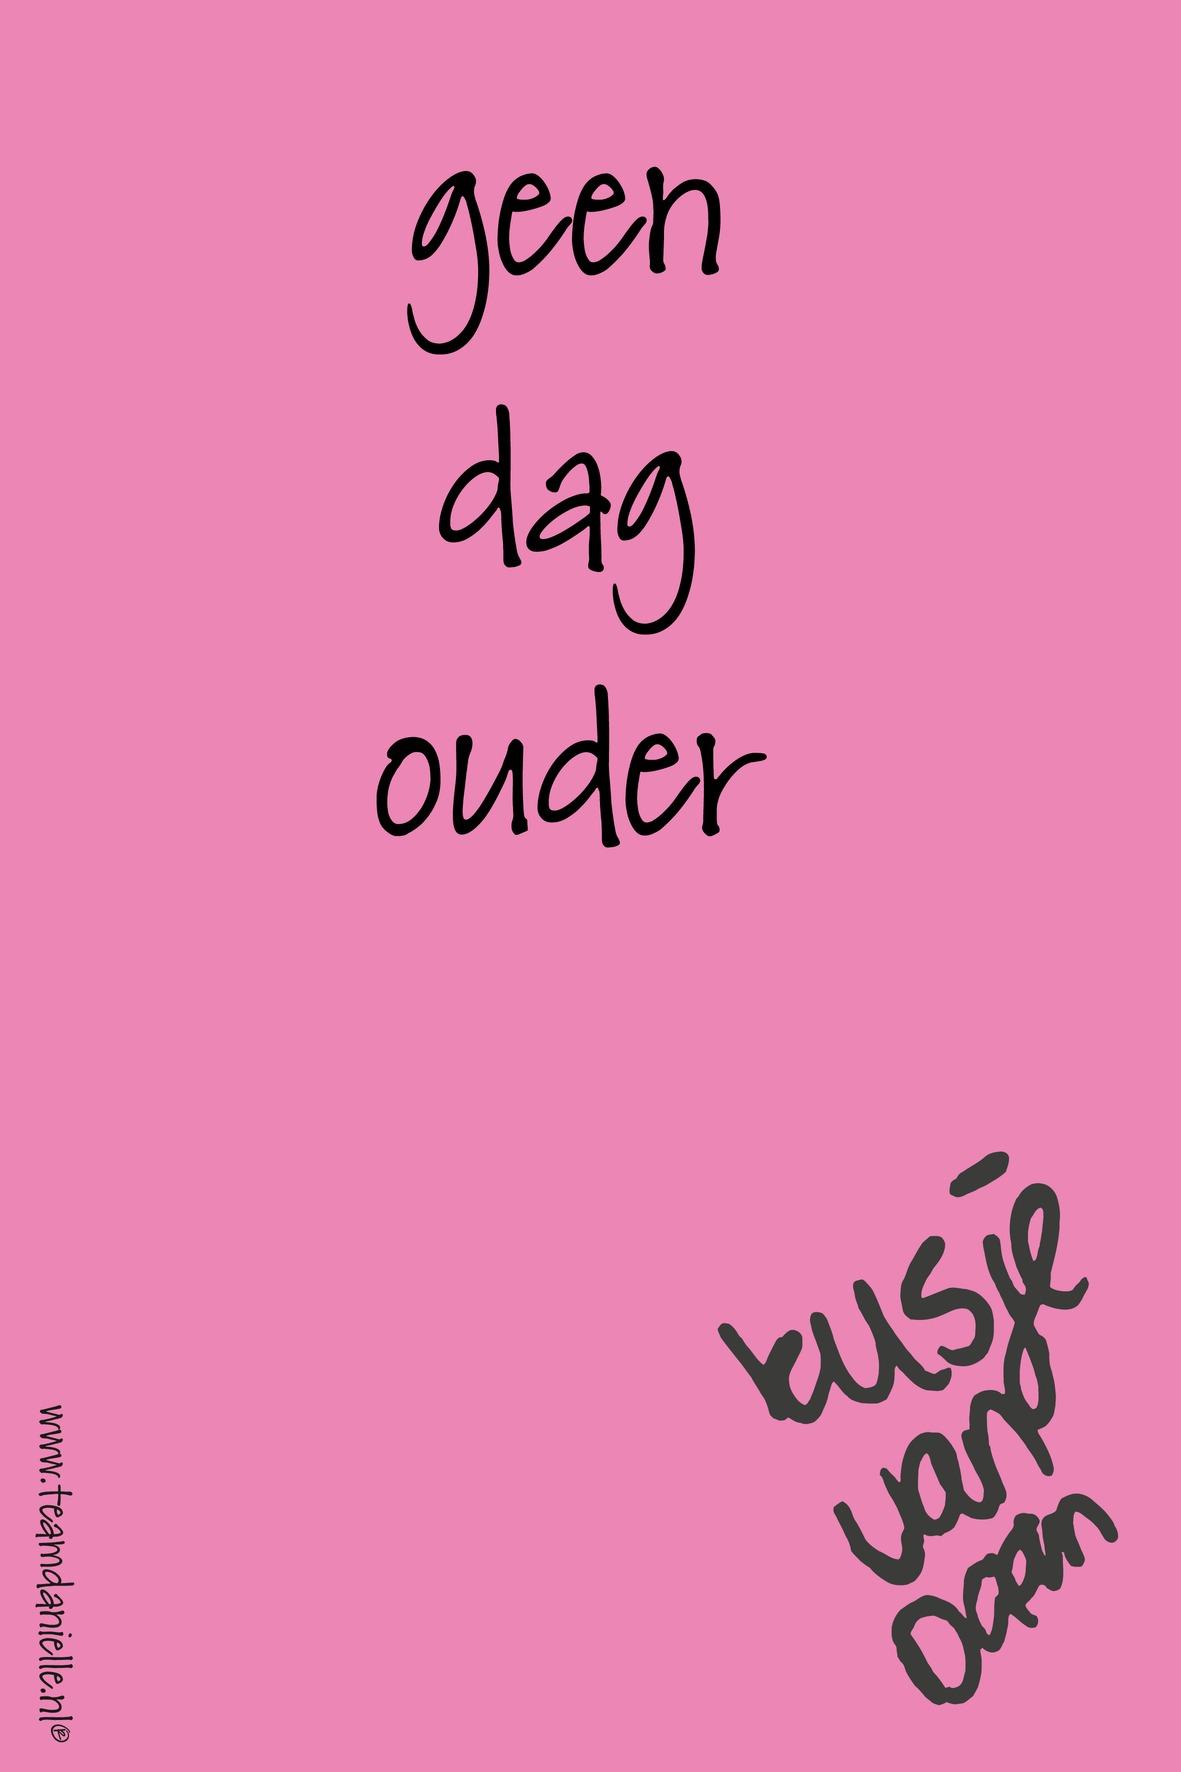 Kusje-180421-geen dag ouder